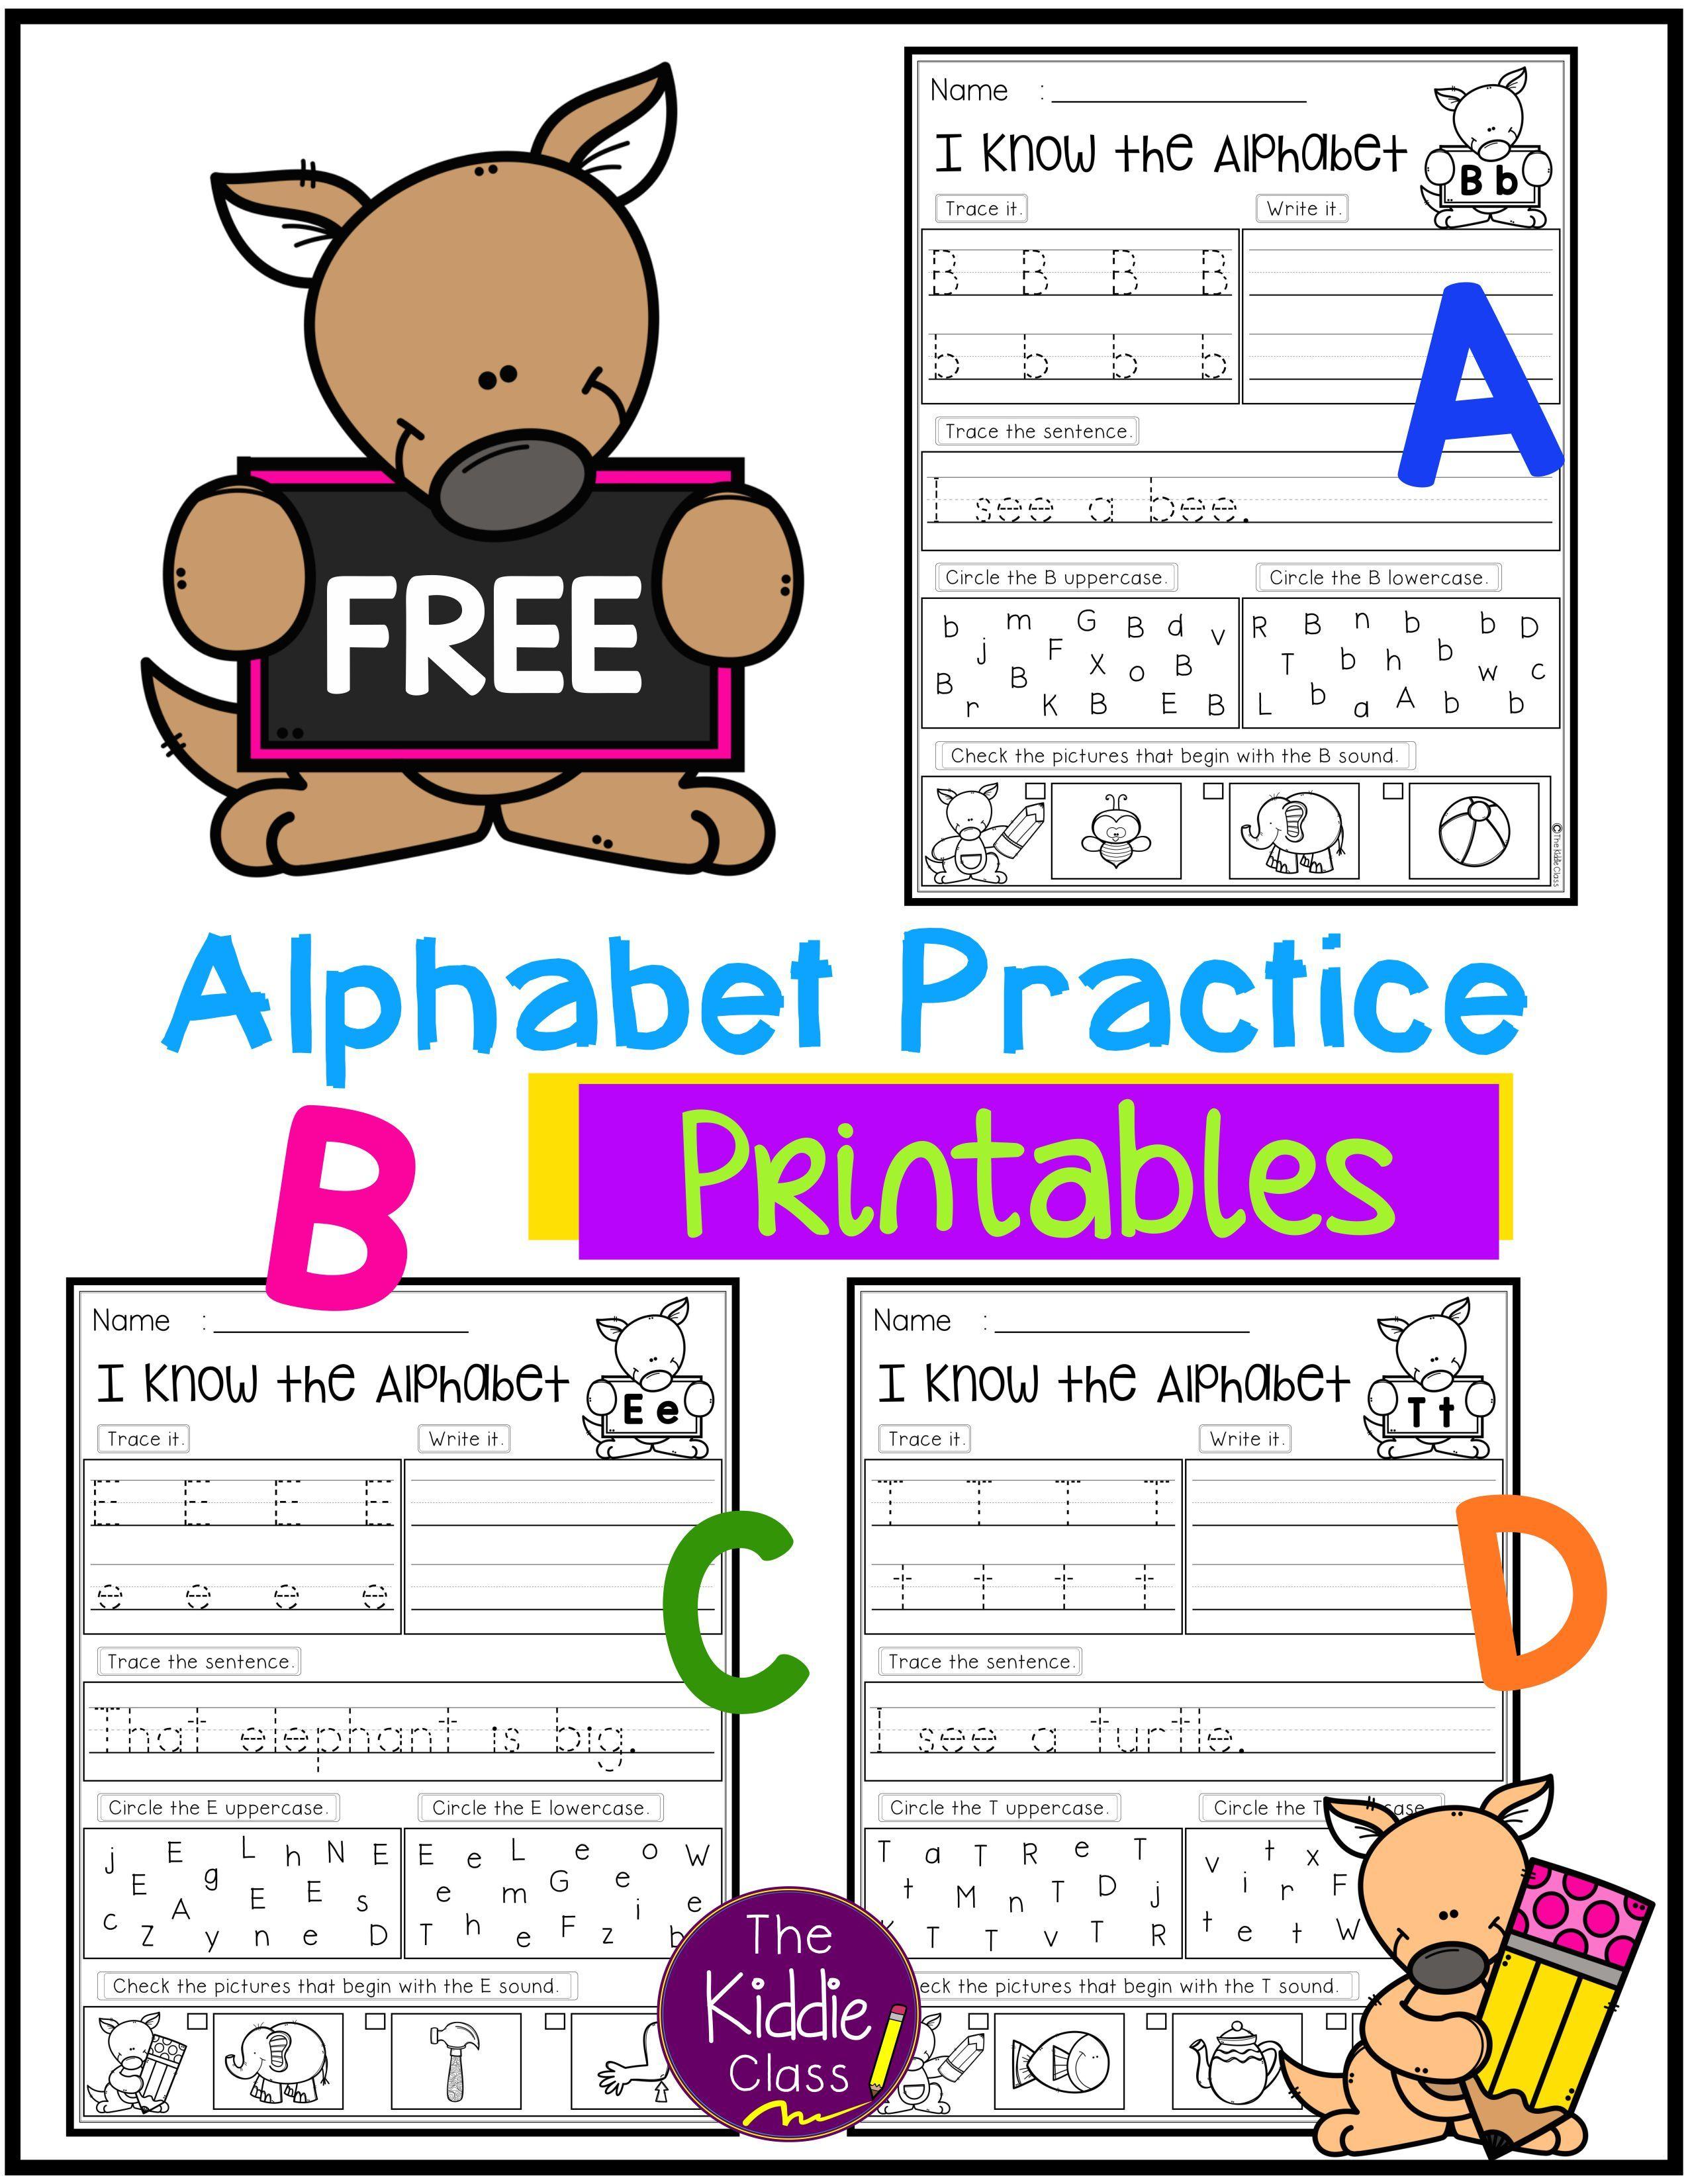 Free Alphabet Practice Printables